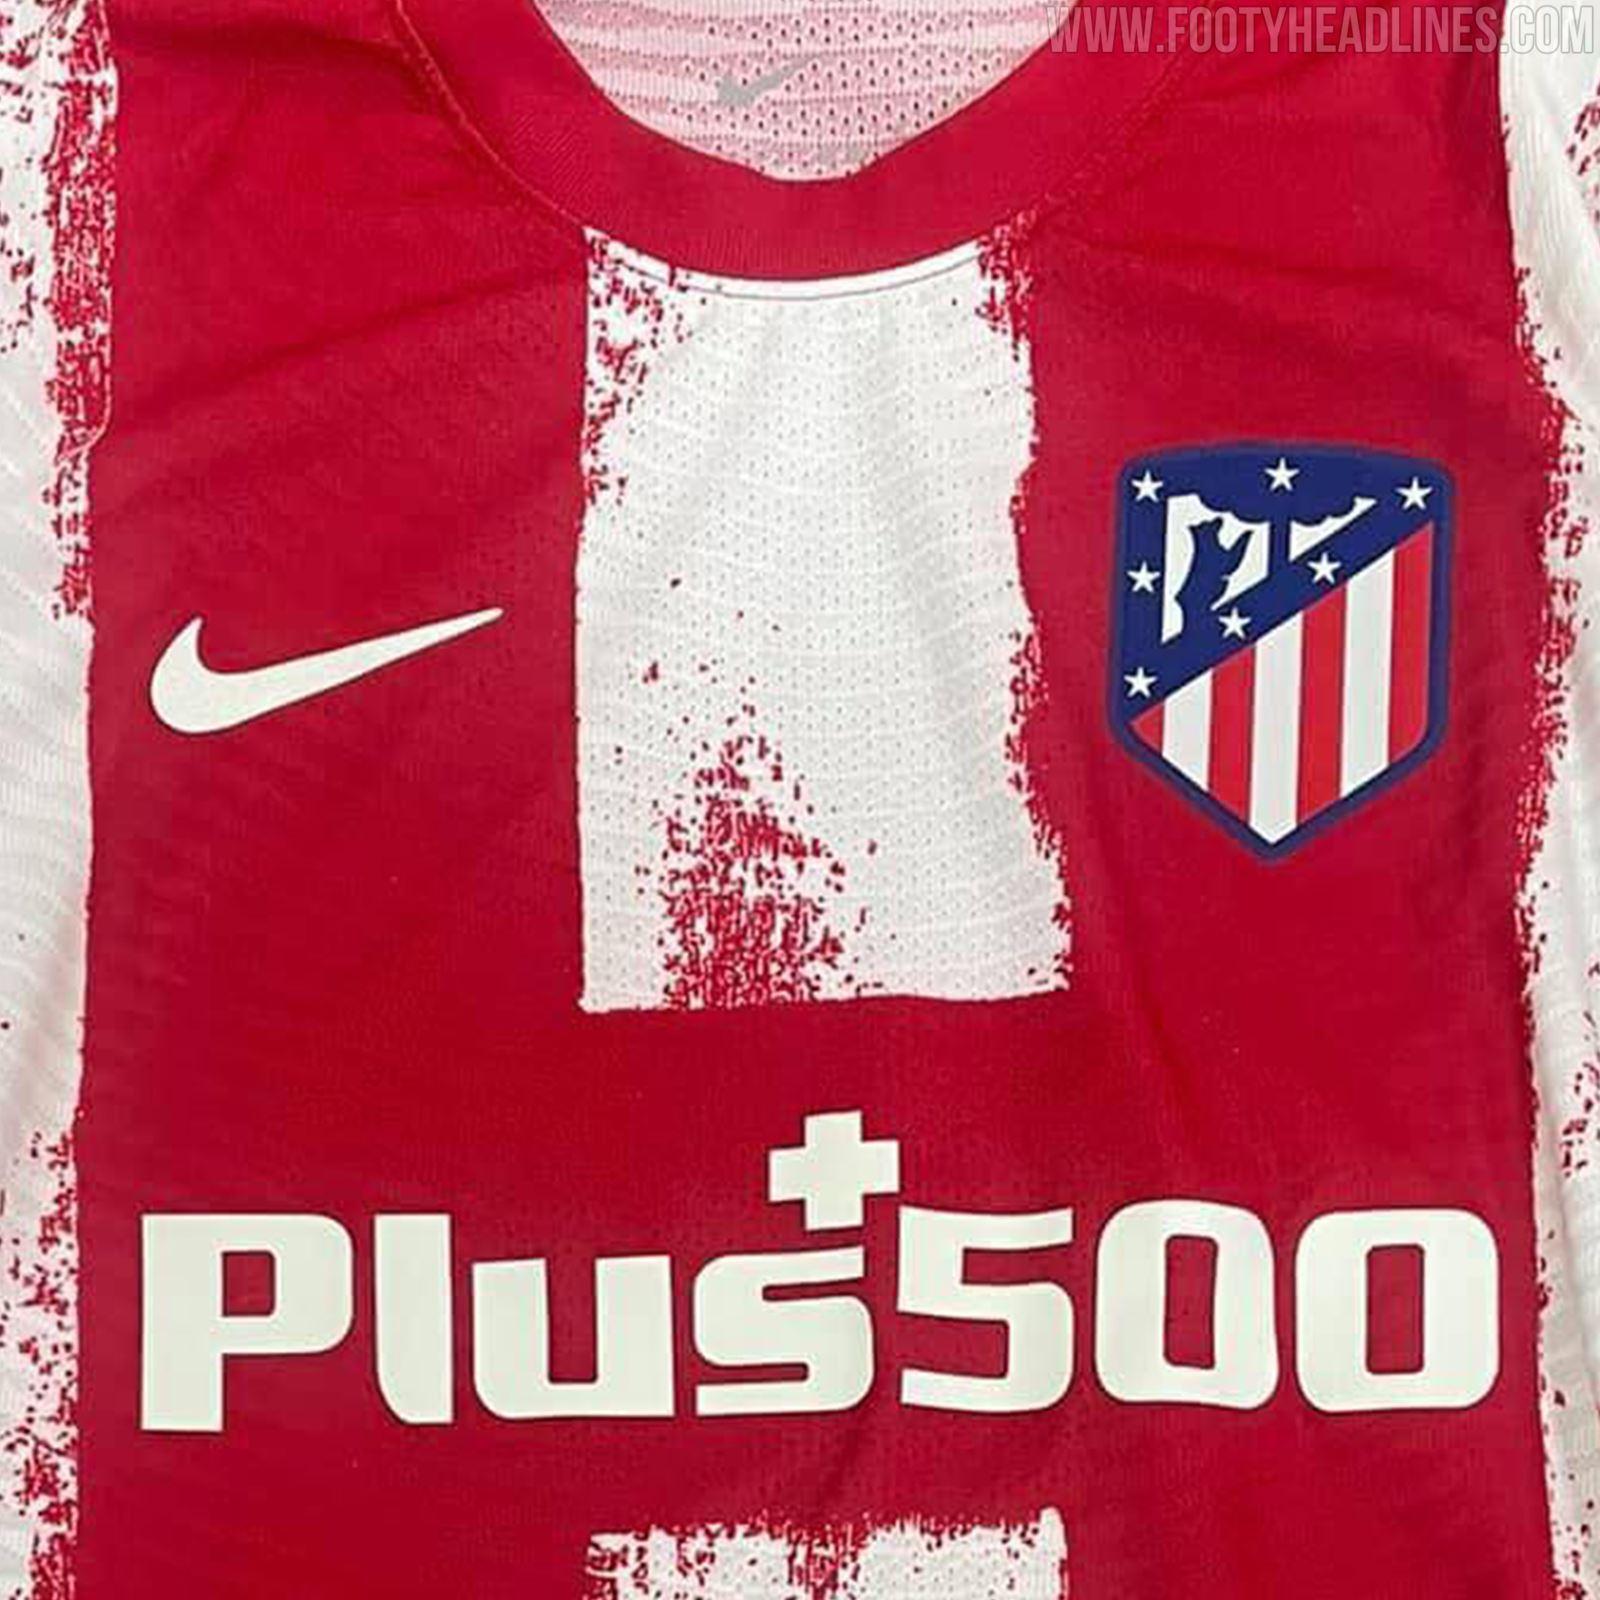 Adidas Real Madrid Nike Atletico Madrid 21 22 Authentic Kits Leaked